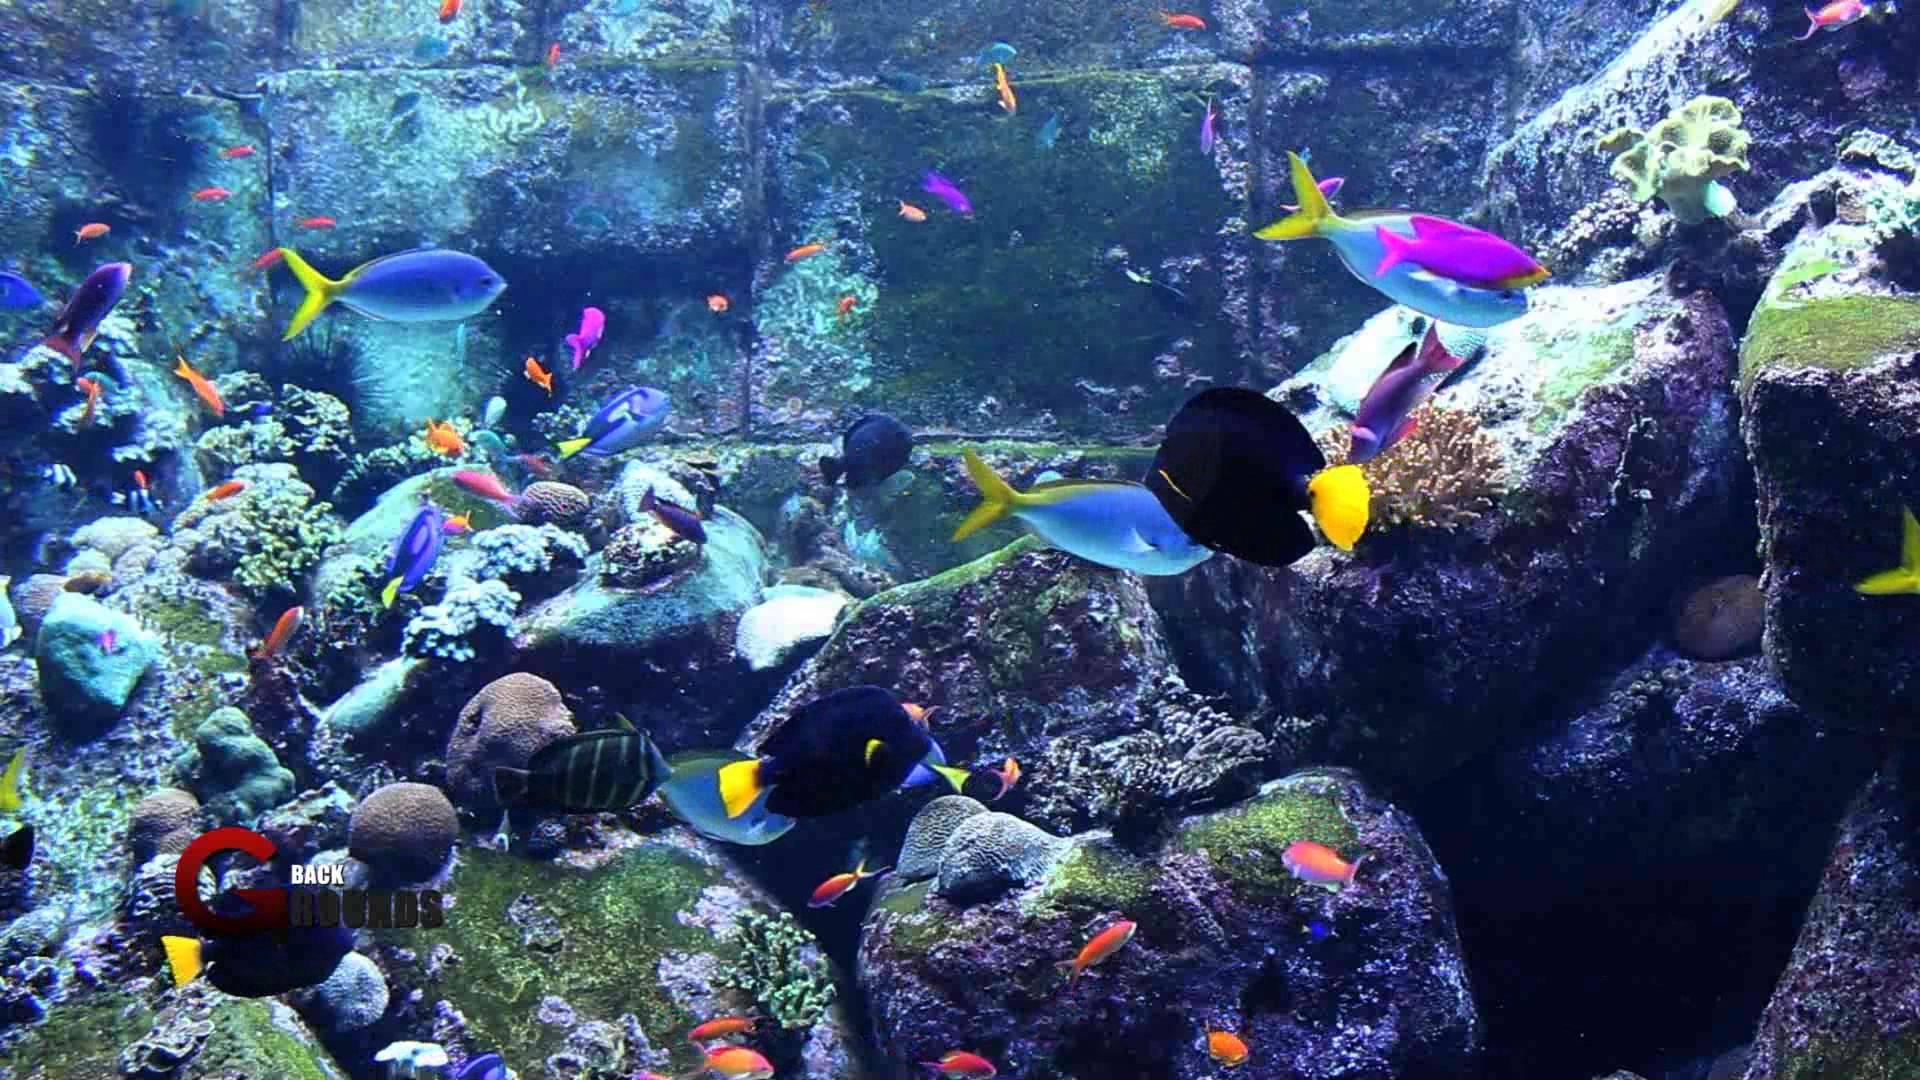 Virtual fish tank aquarium google - Desktop Hd Download Fish Aquarium 3d Wallpaper 3d Hd Pictures